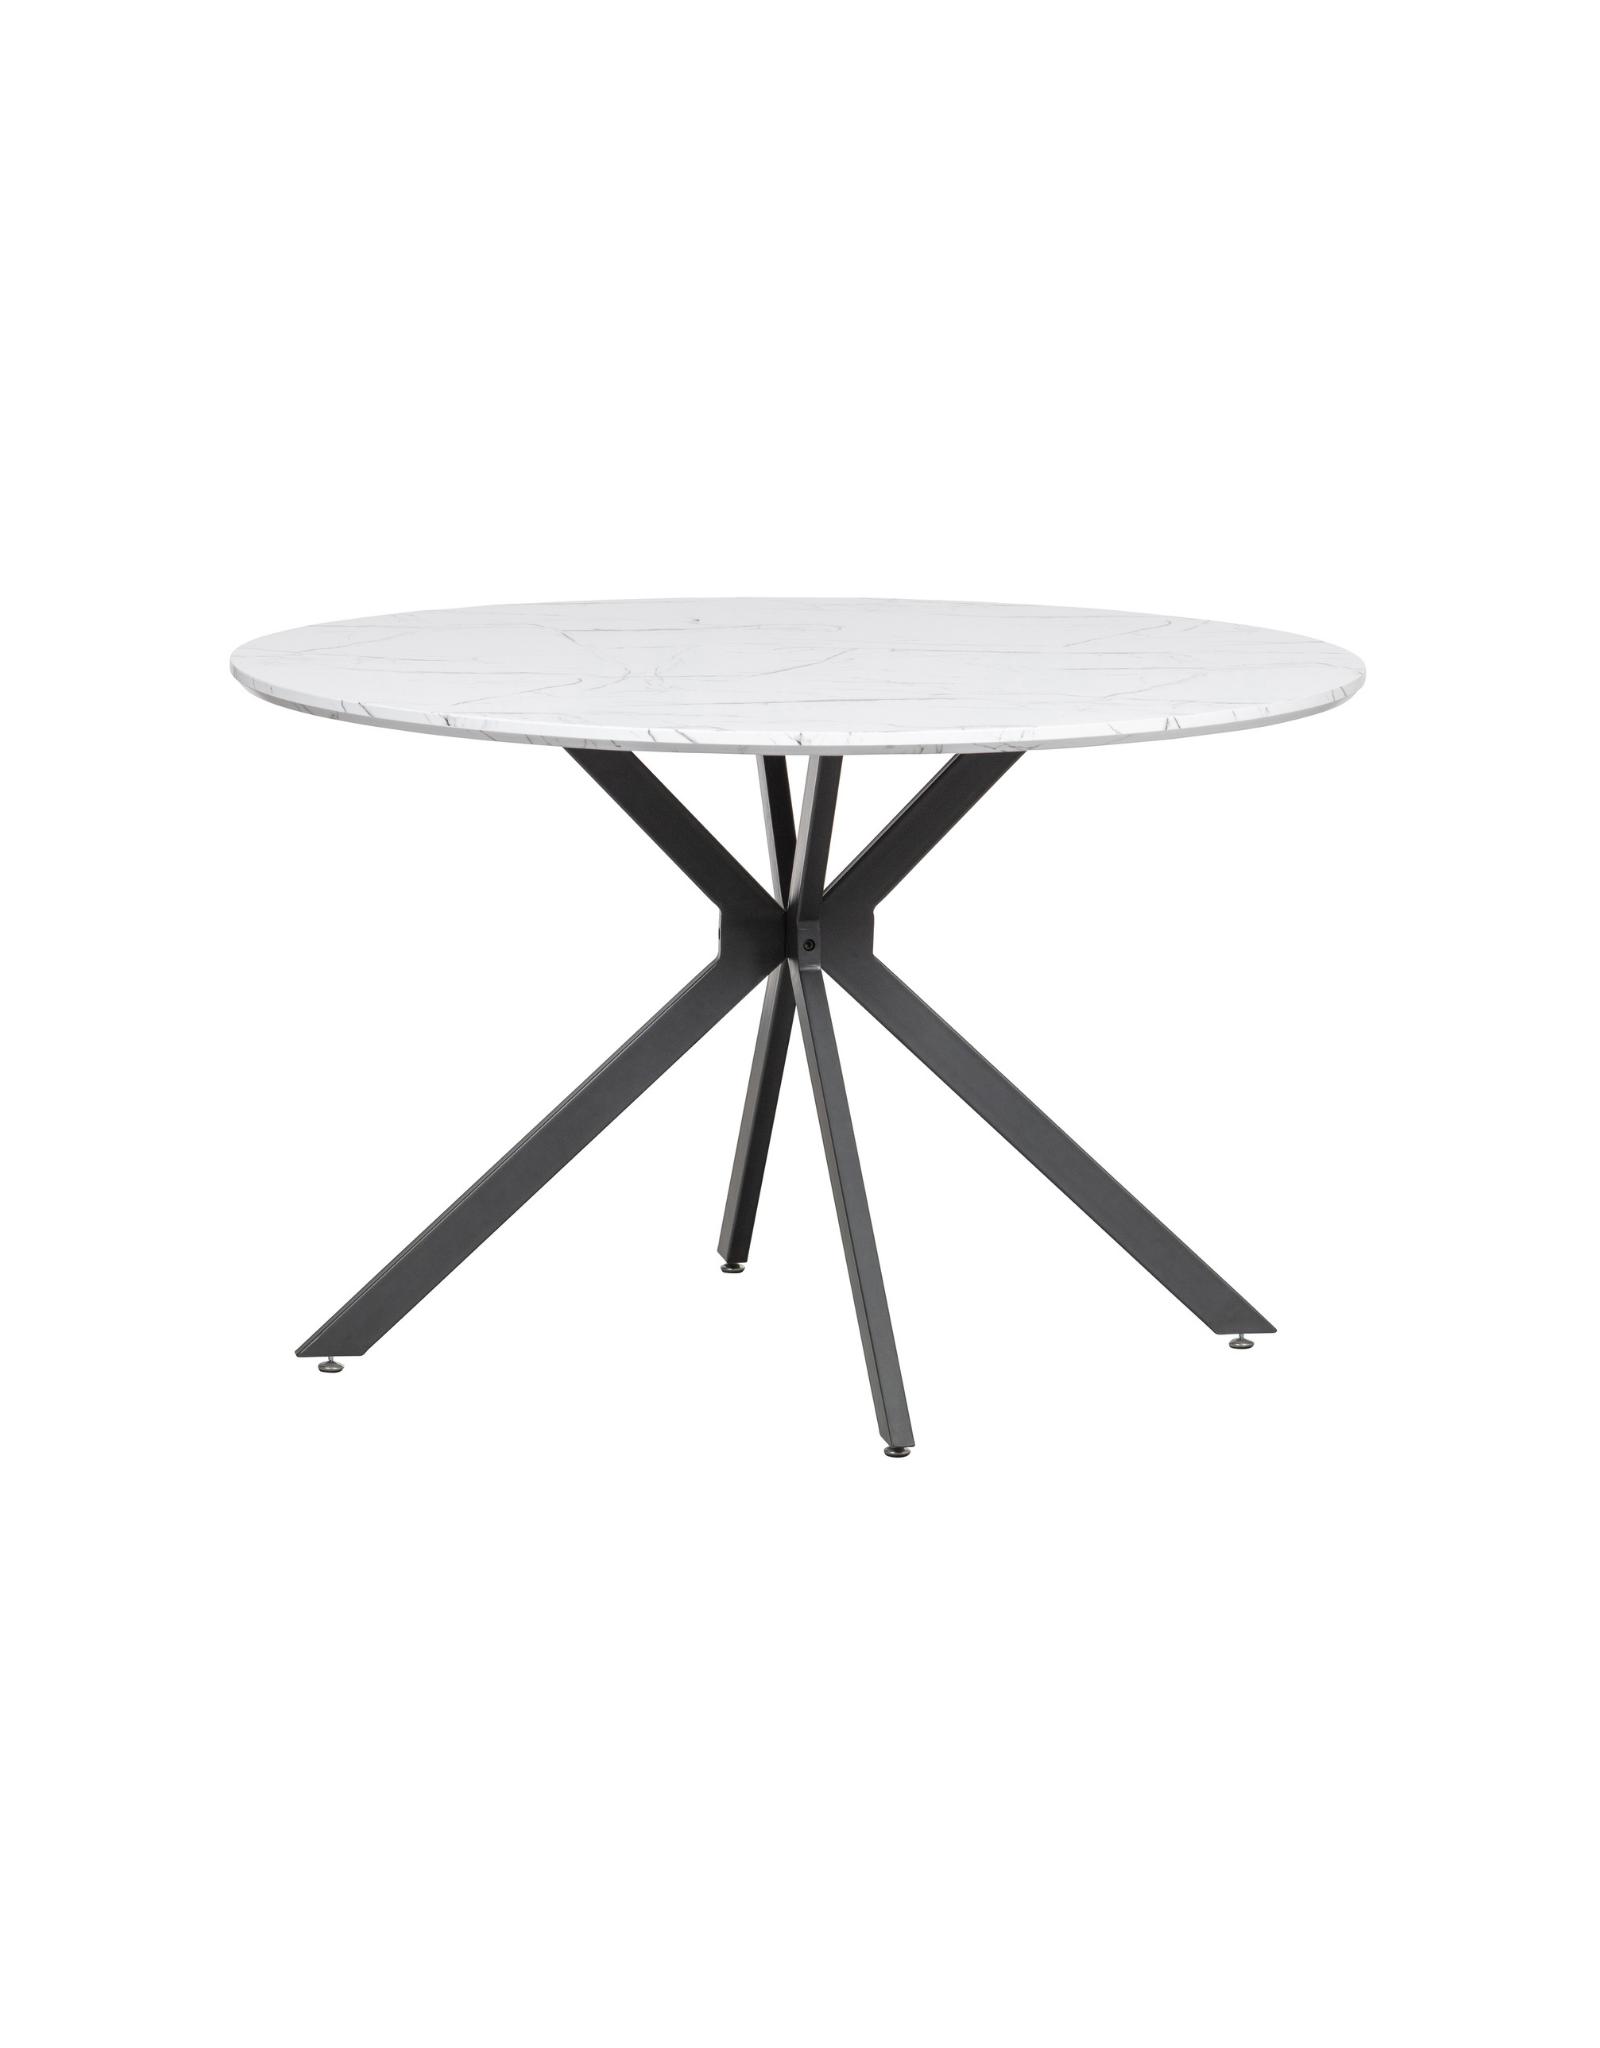 Eettafel Ø120 cm Marmerlook wit